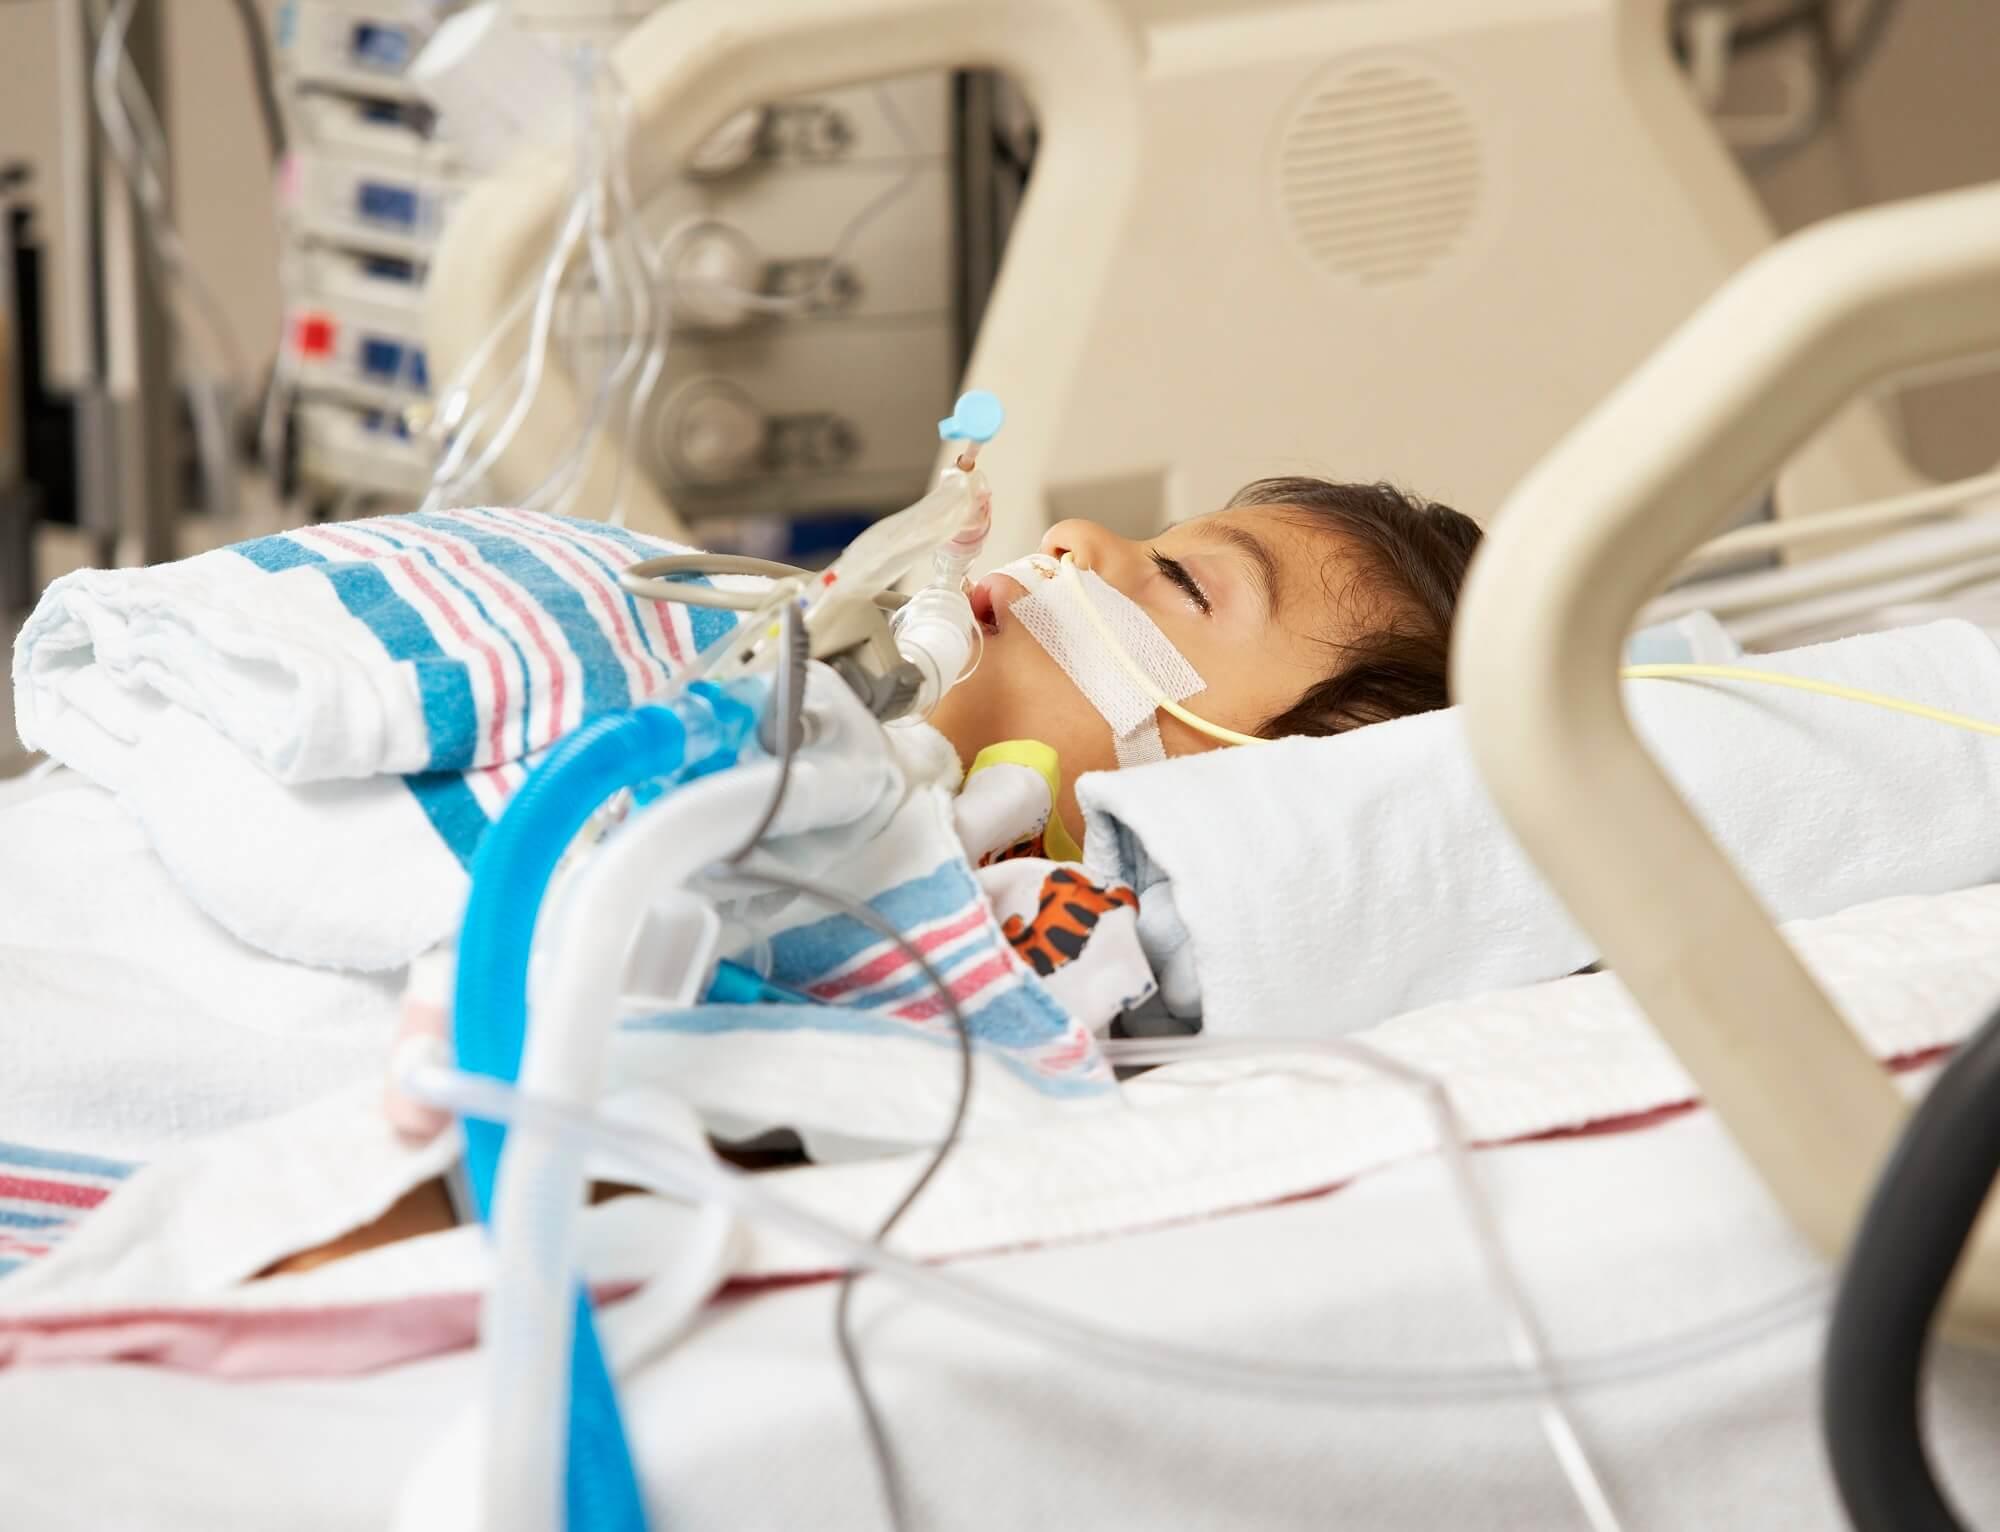 برنامه ریزی های لازم برای ترخیص اطفال از بخش مراقبت های ویژه